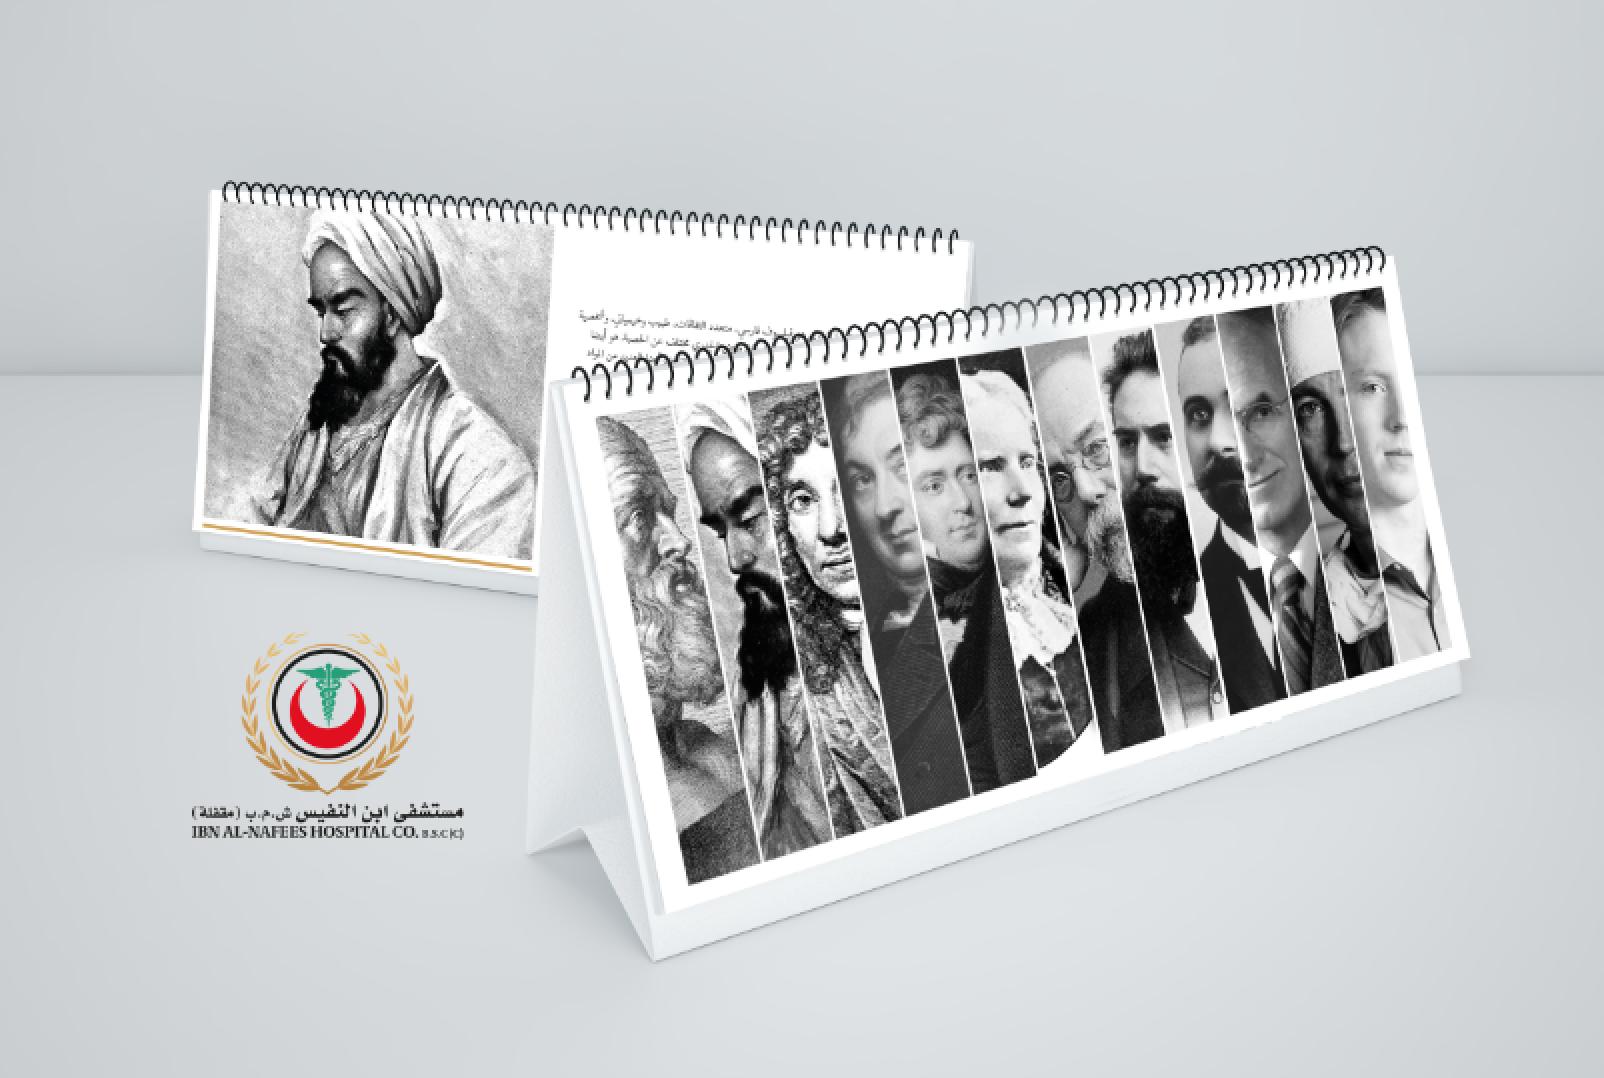 Ibn Al Nafees Hospital Calendar '17